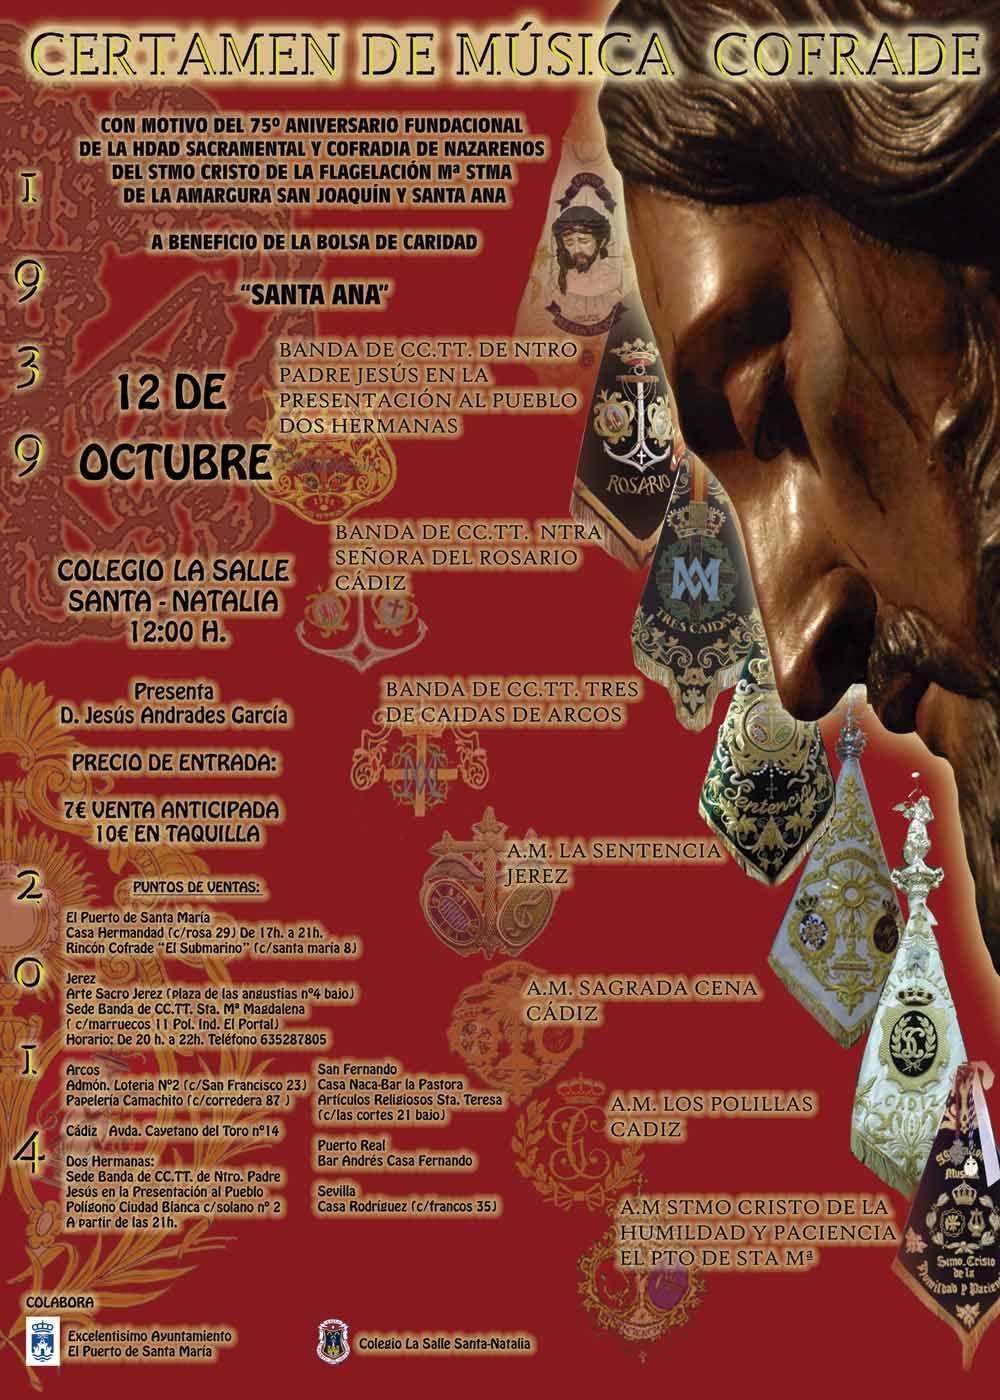 El evento se organiza con motivo del 75º aniversario fundacional de la Hermandad Sacramental y Cofradía de Nazarenos del Santísimo Cristo de la Flagelación María Santísima de la Amargura.